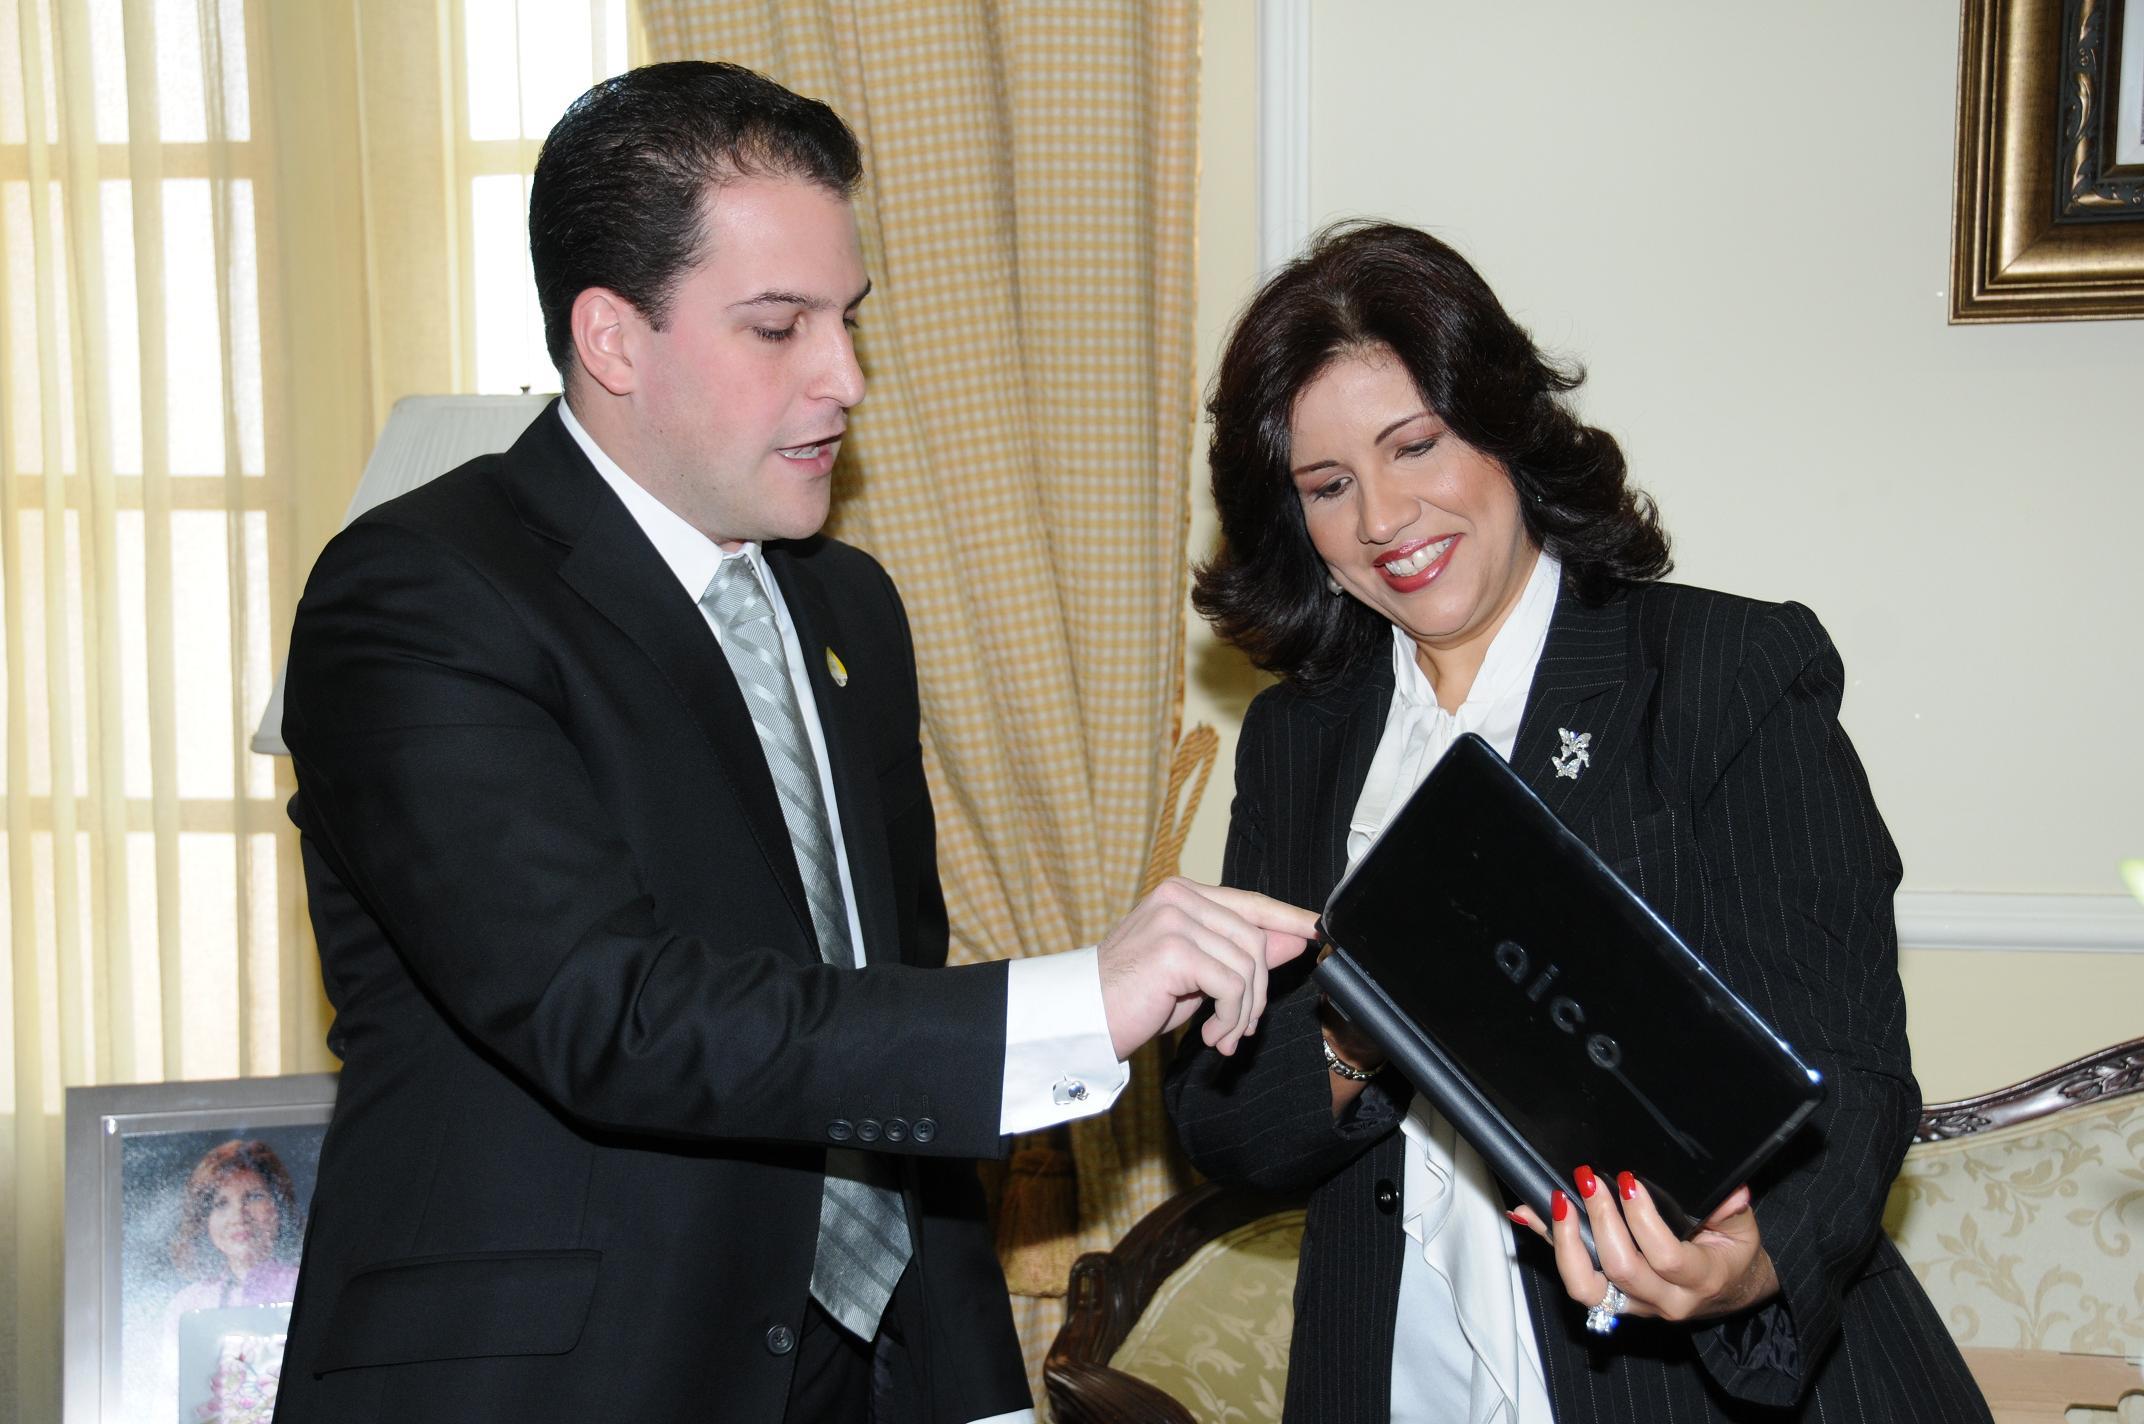 Vicepresidenta recibe en su despacho al creador de la primera Laptop dominicana